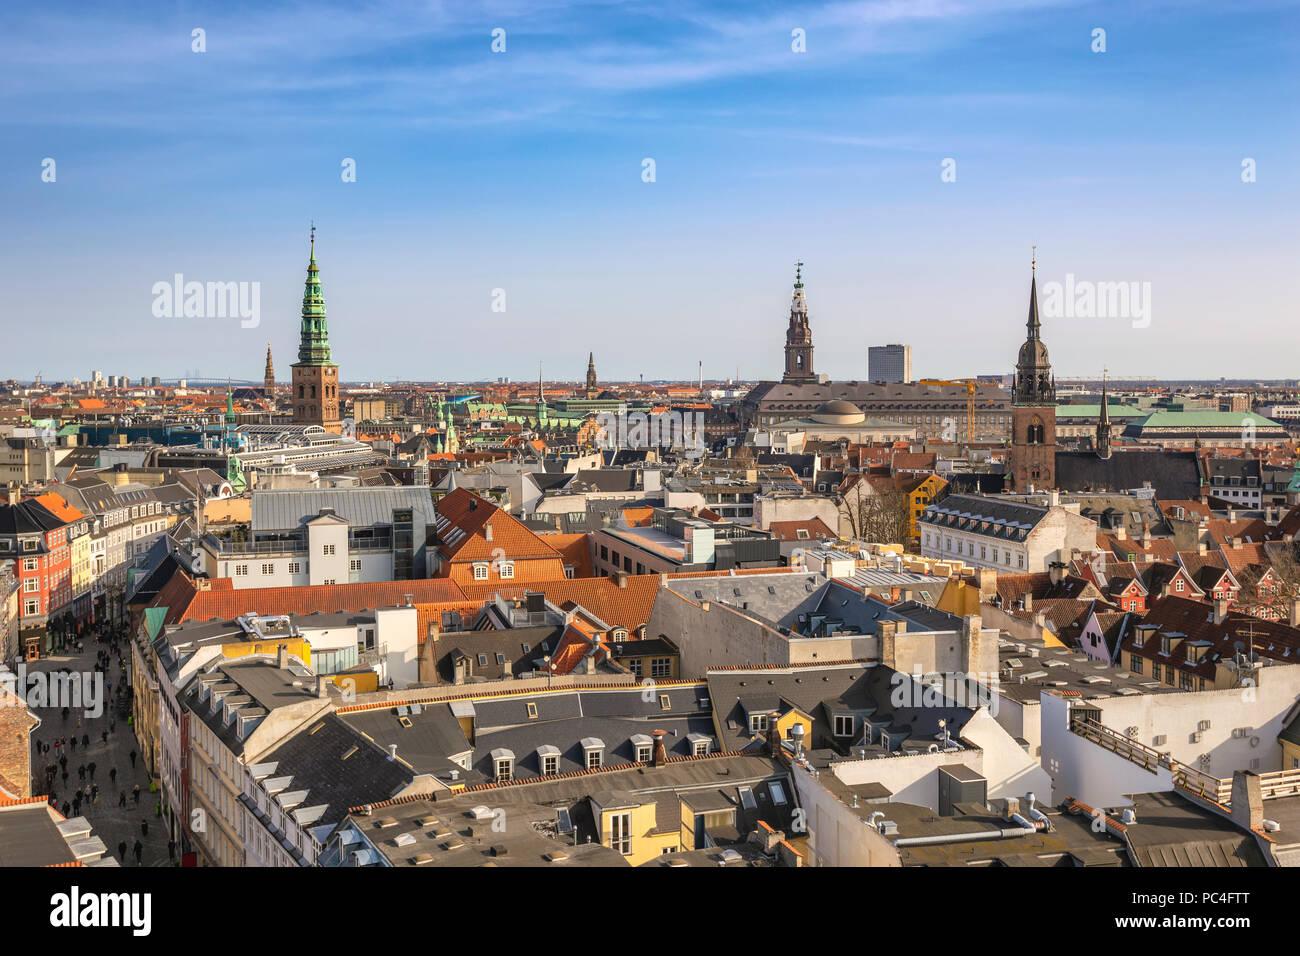 Vue aérienne sur la ville de Copenhague à partir de la Tour Ronde, Copenhague Danemark Photo Stock